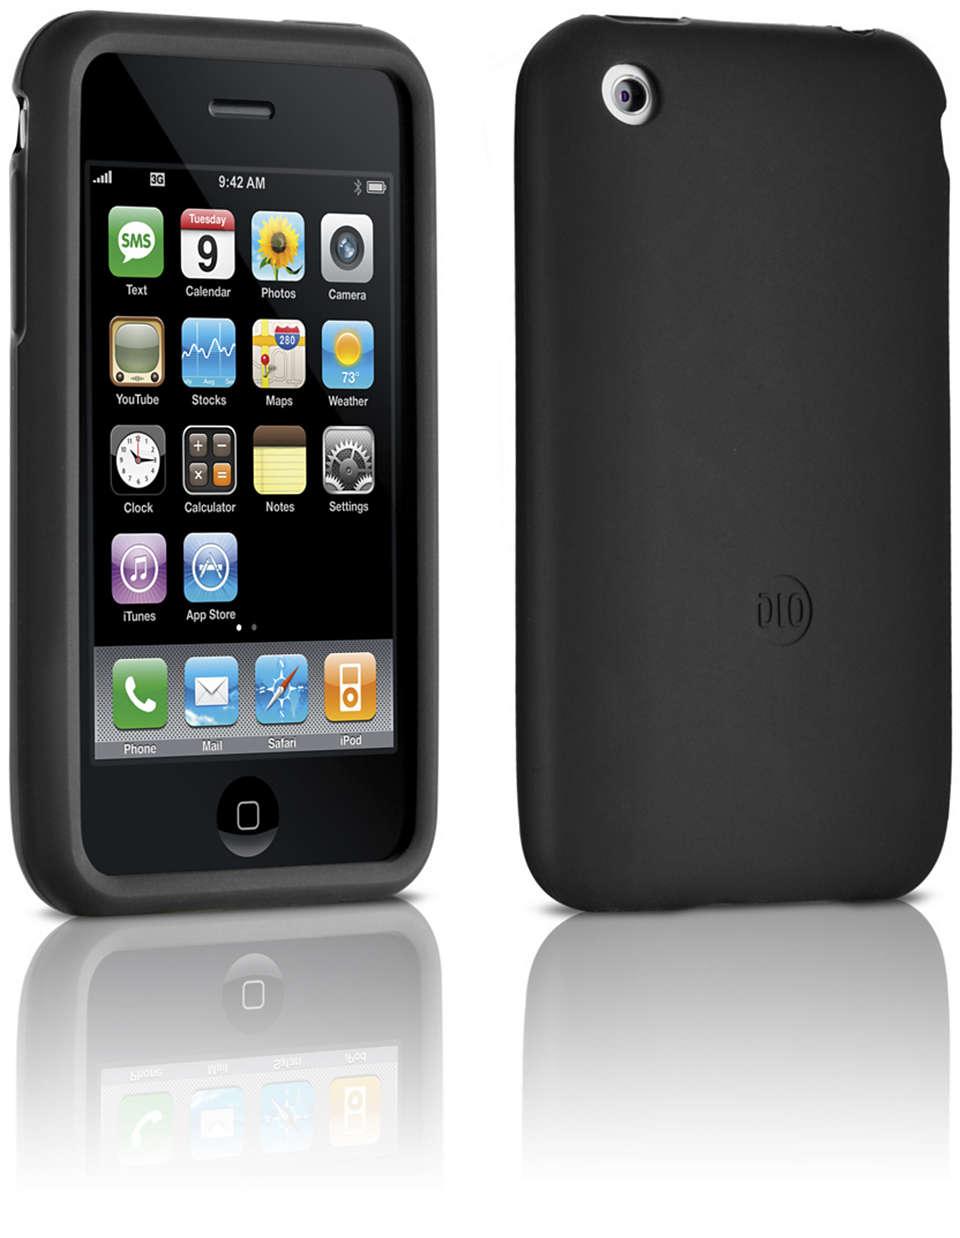 Proteggi il tuo iPhone in una custodia in silicone